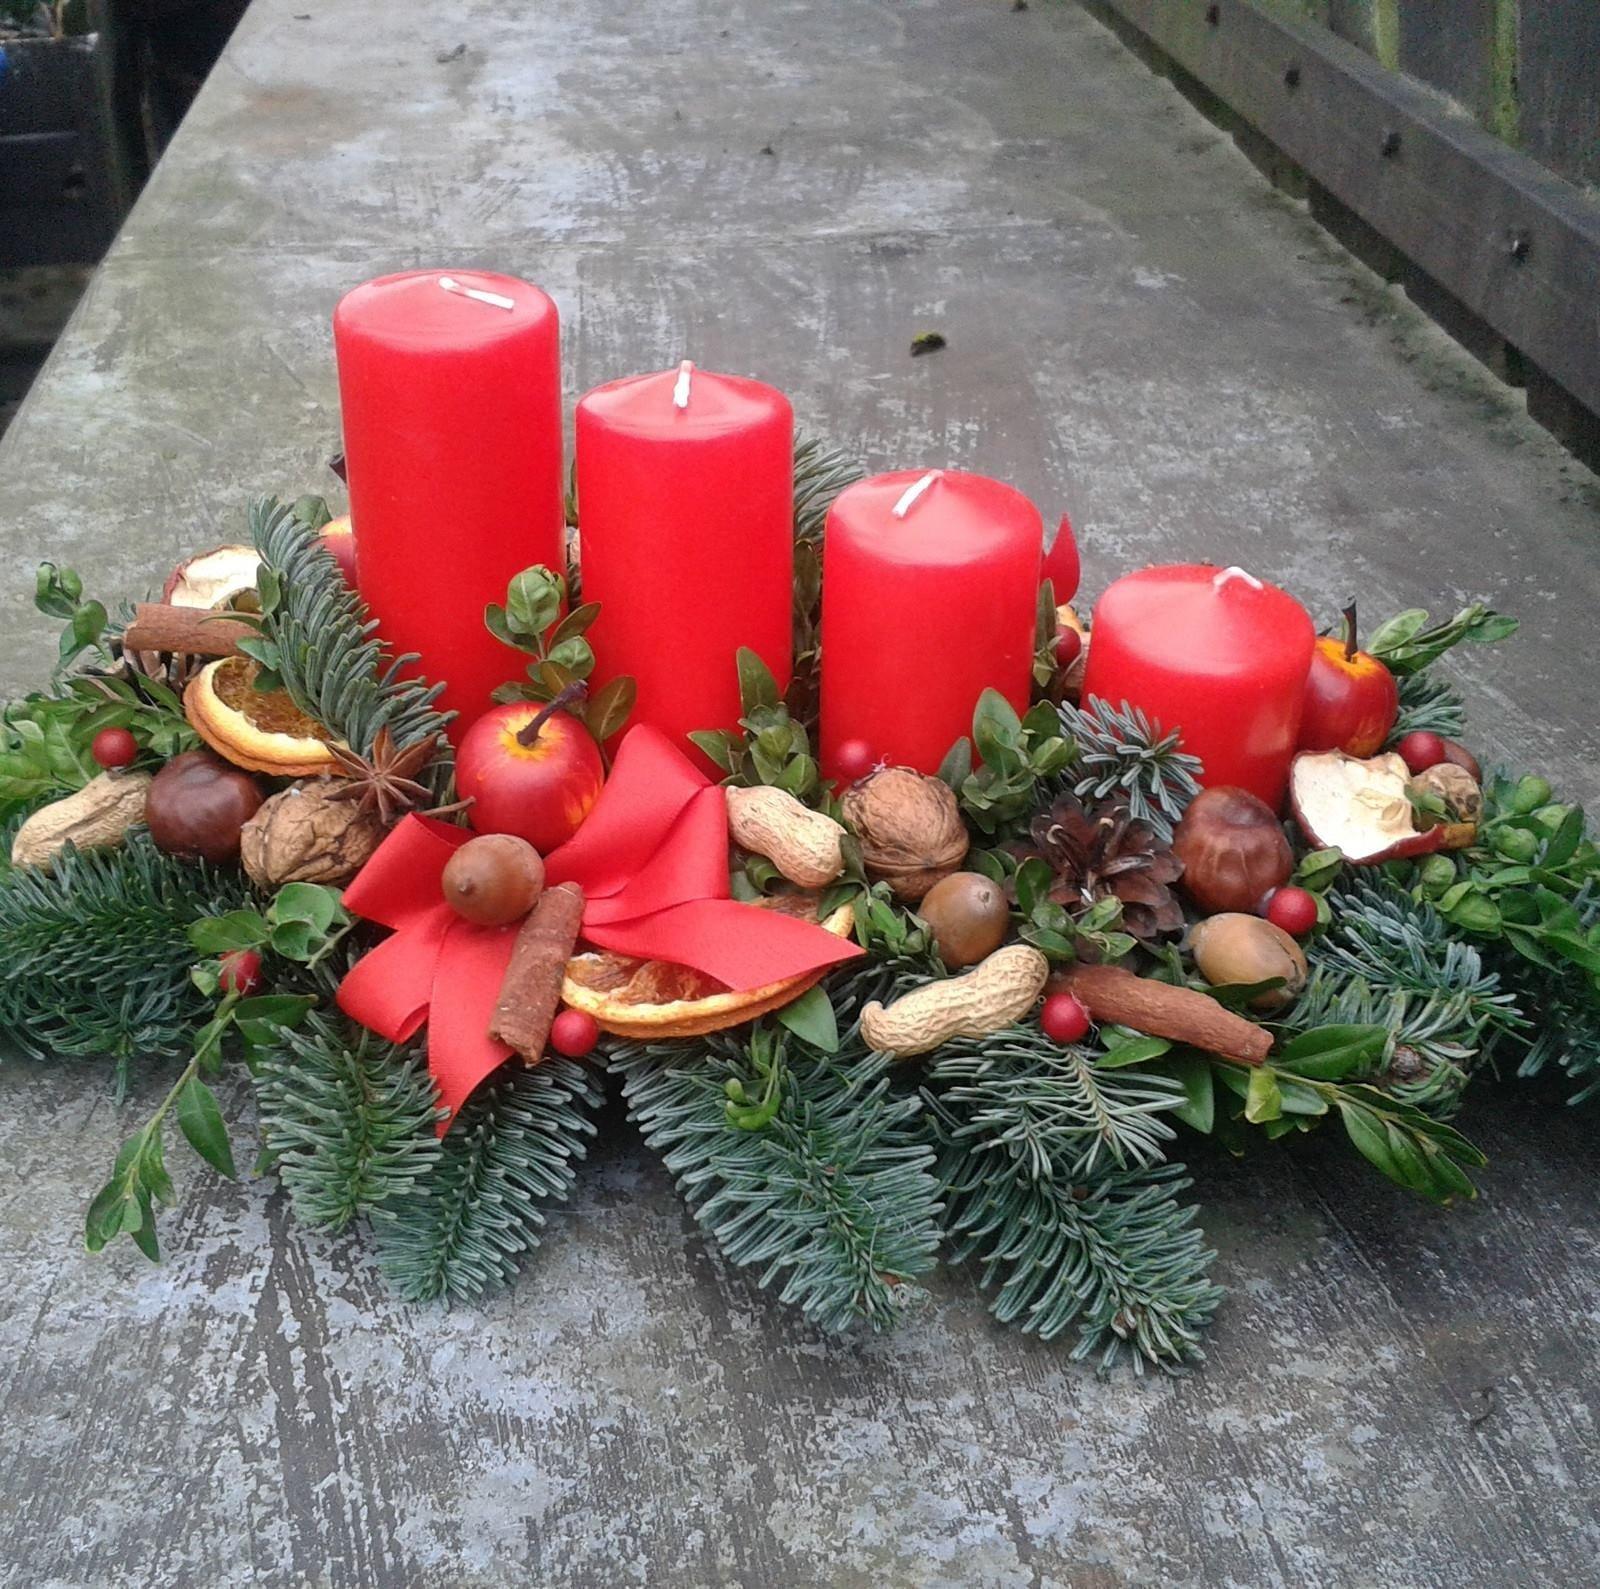 Blíží se Vánoce a s nimi je spojený advent. Tradicí je zapalování svíčky na adventním věnci po čtyři neděle před Štědrým dnem.  K dostání je mnoho druhů adventních věnců, ale co takhle vyzkoušet si jejich výrobu doma? Inspirujte se a vyzdobte si svůj domov podle svých představ.